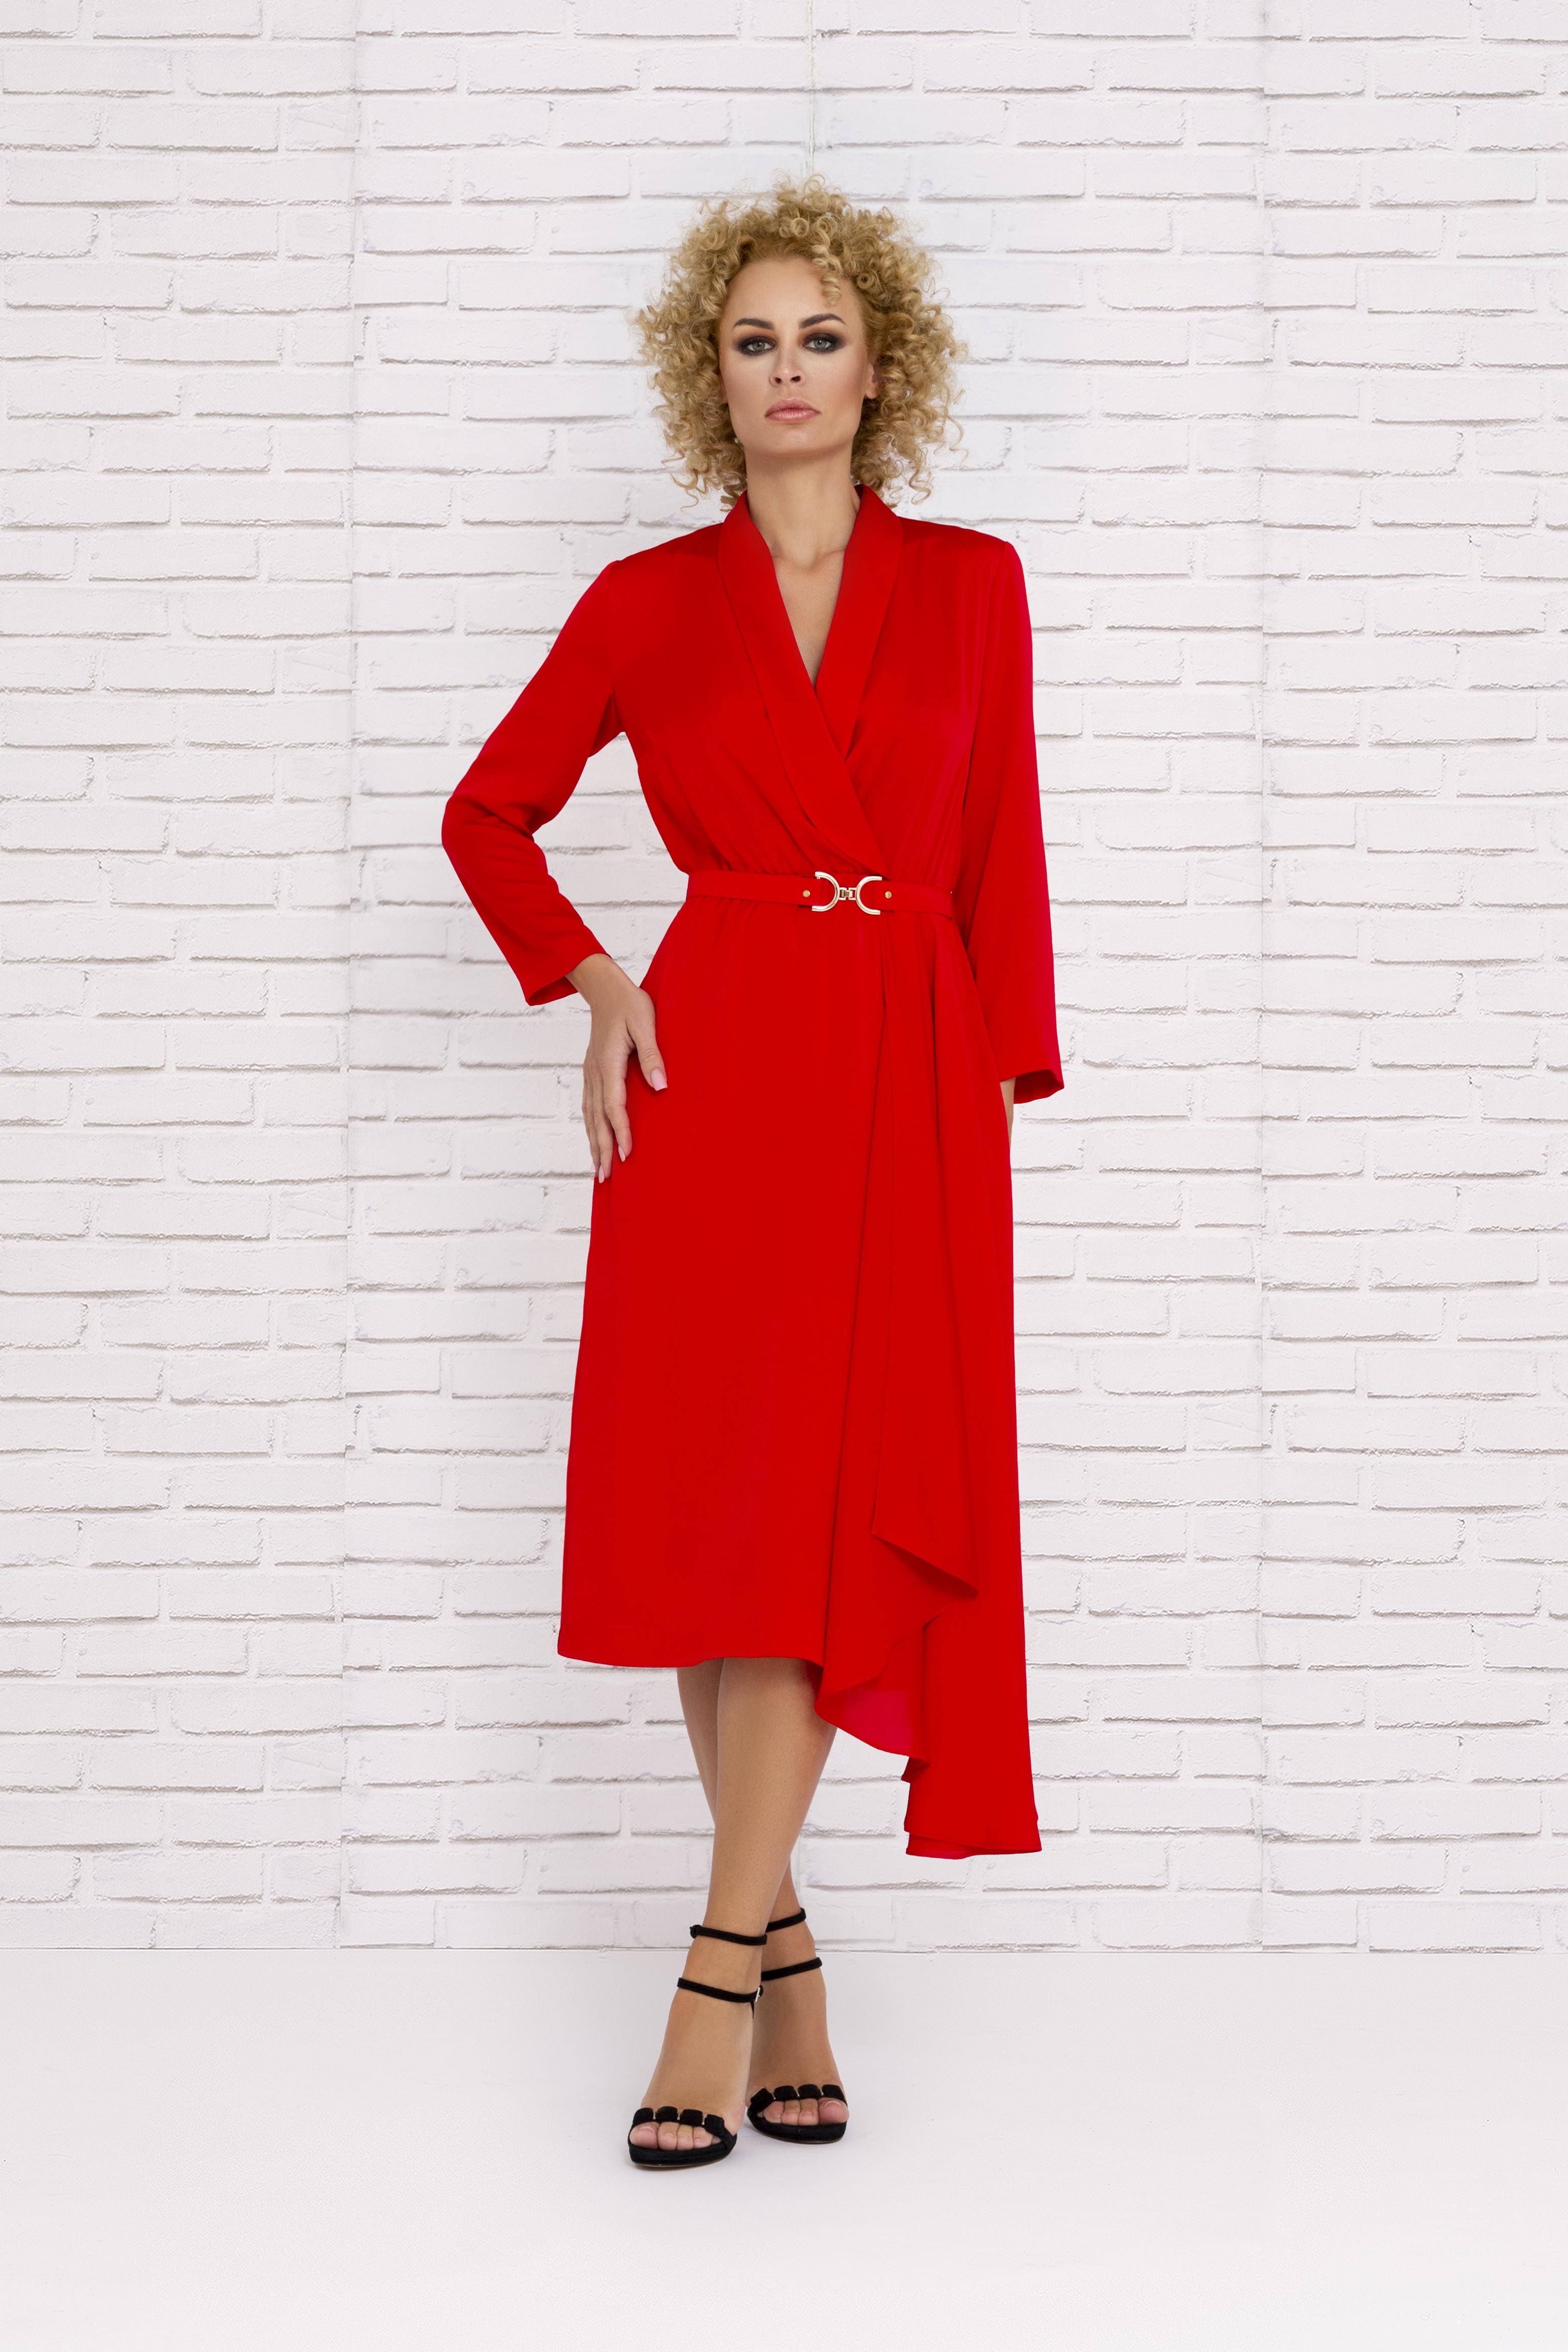 Vestido rojo de fiesta con corte asimétrico y mangas